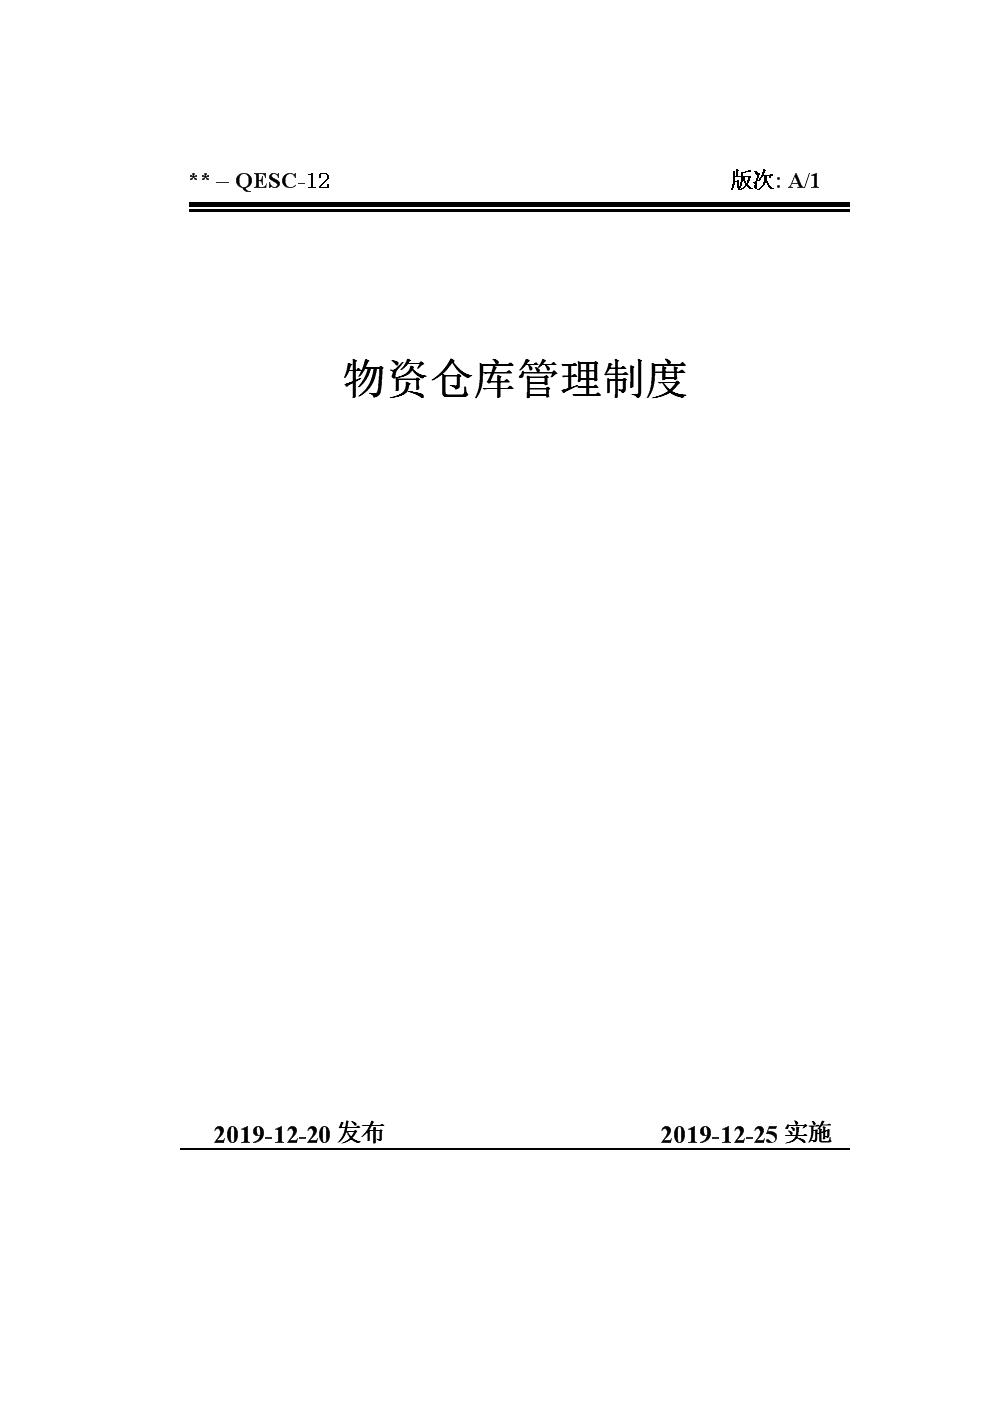 QESC-12物资仓库管理制度(EPC三标体系-作业文件)3-9.doc